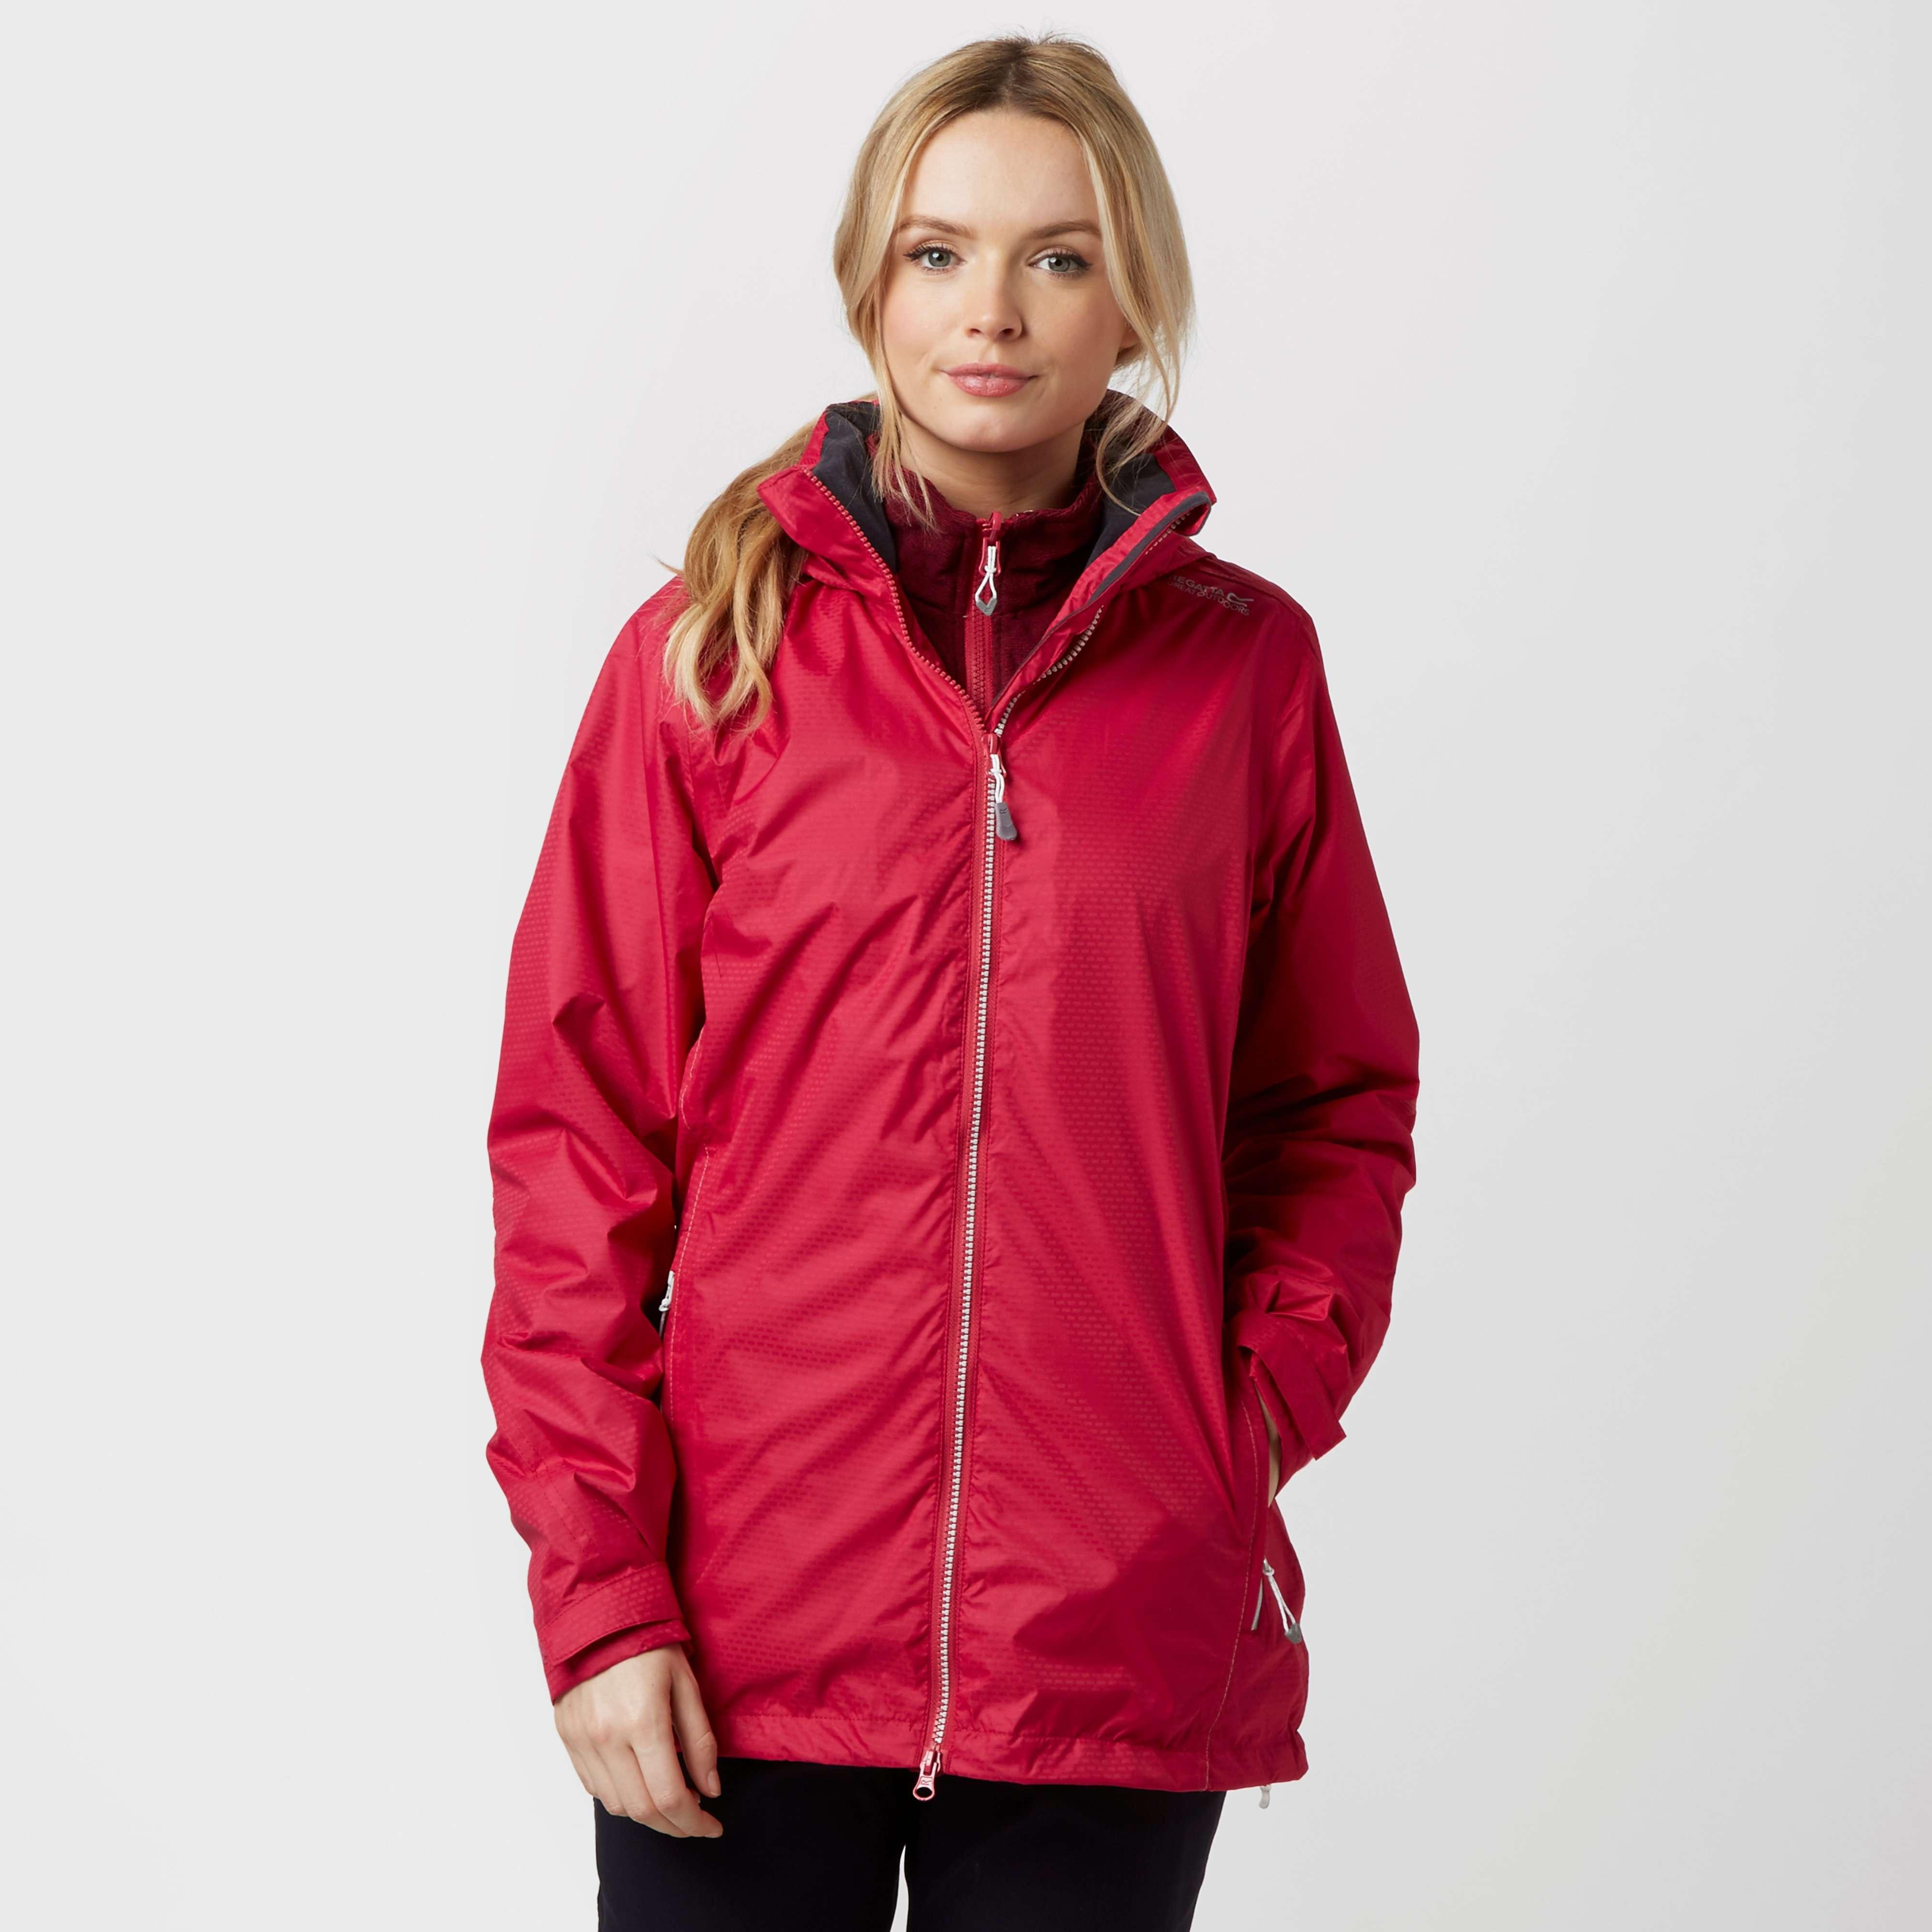 REGATTA Women's Alabama II 3 in 1 Waterproof Jacket